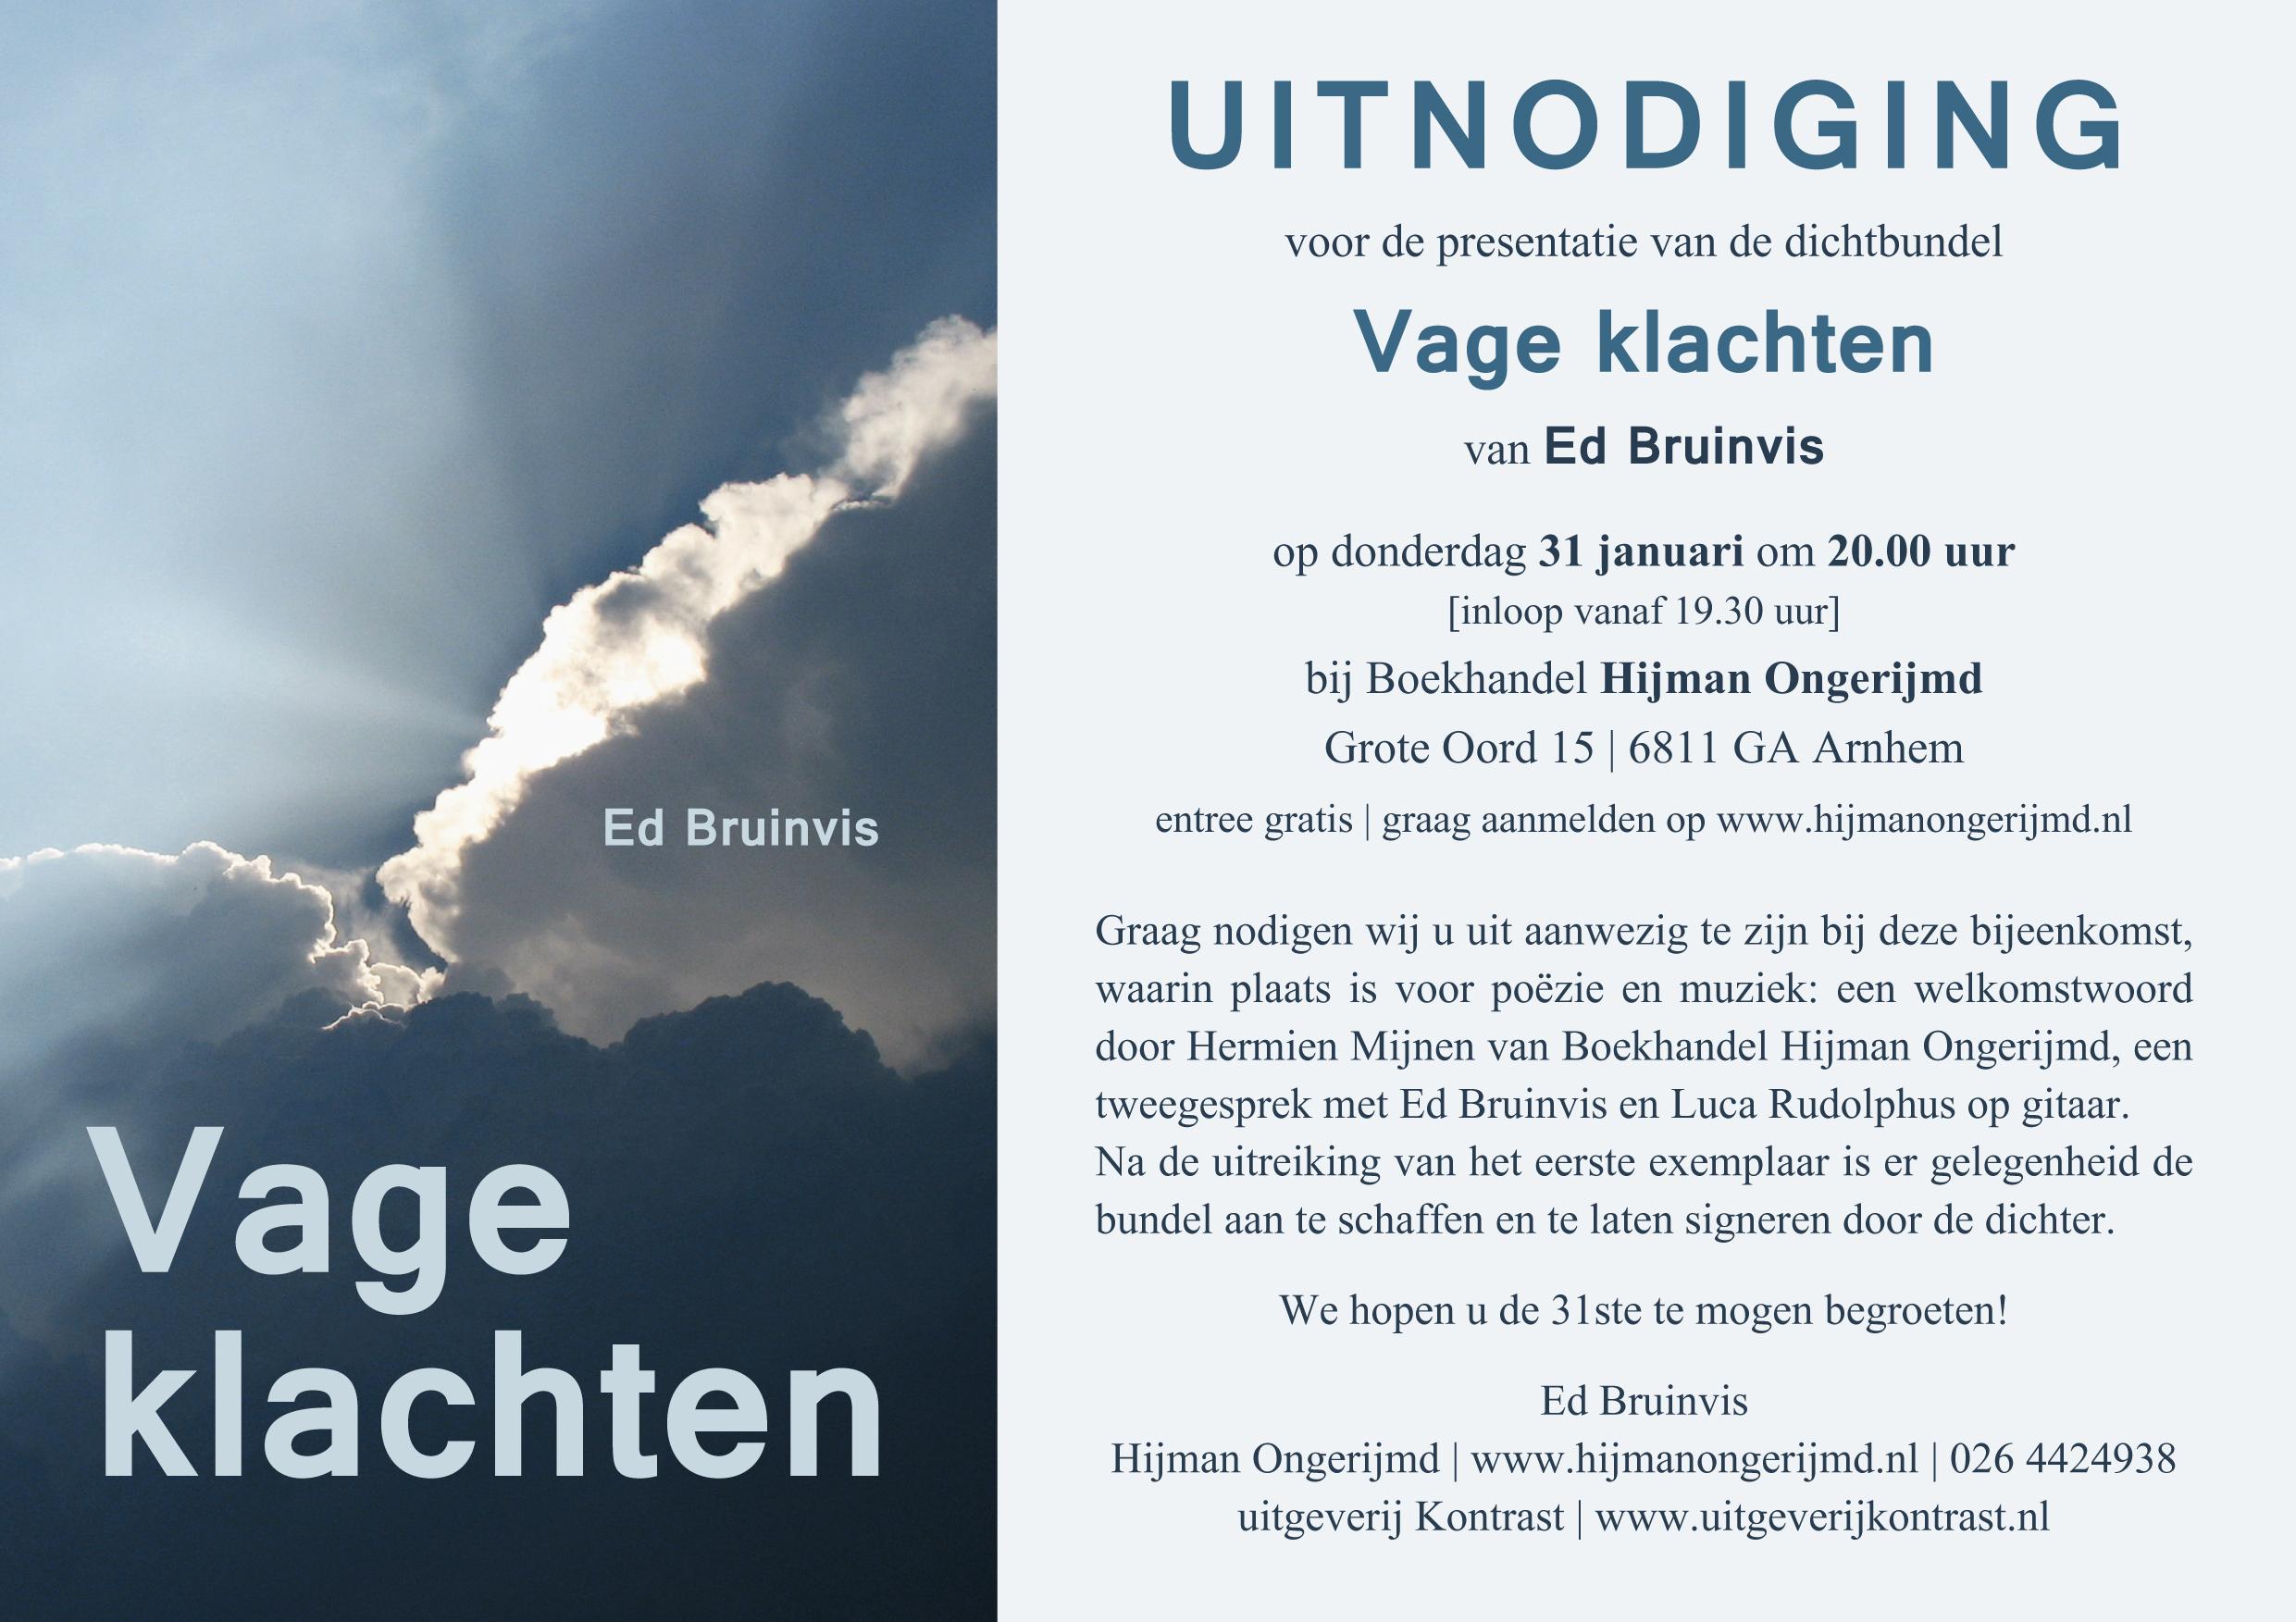 uitnodiging presentatie Vage Klachten_Ed Bruinvis.indd